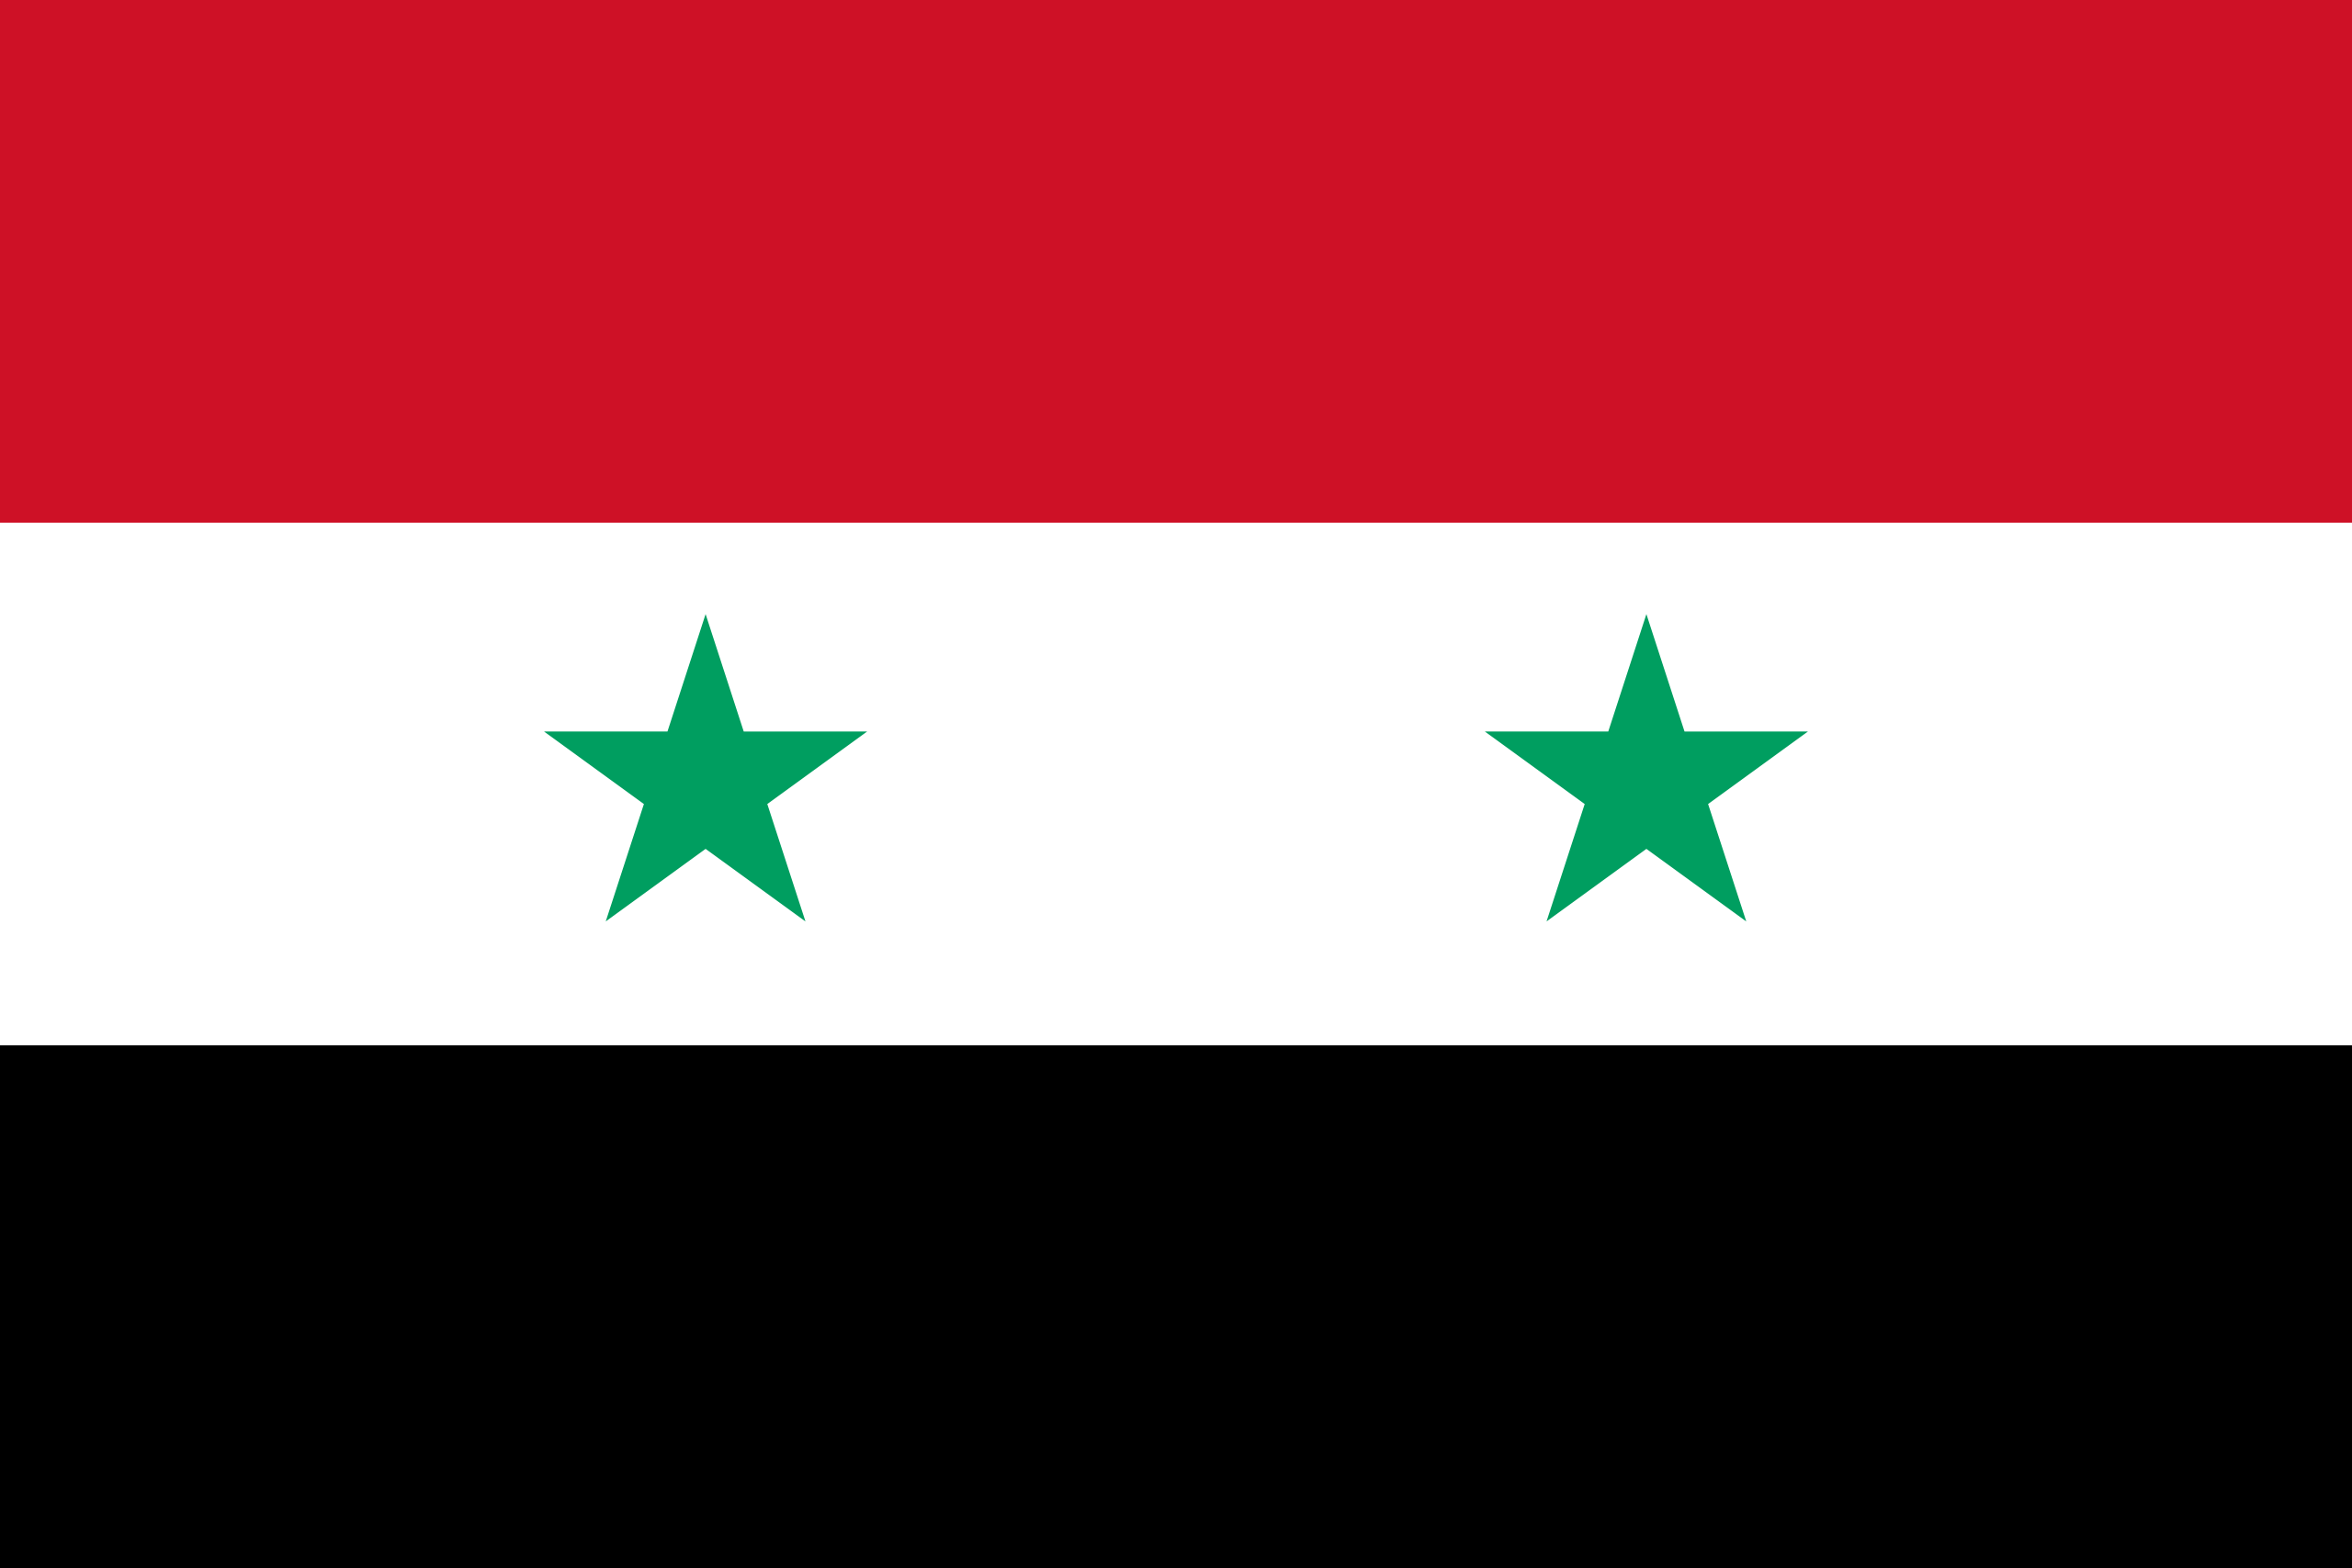 siria, χώρα, έμβλημα, λογότυπο, σύμβολο - Wallpapers HD - Professor-falken.com